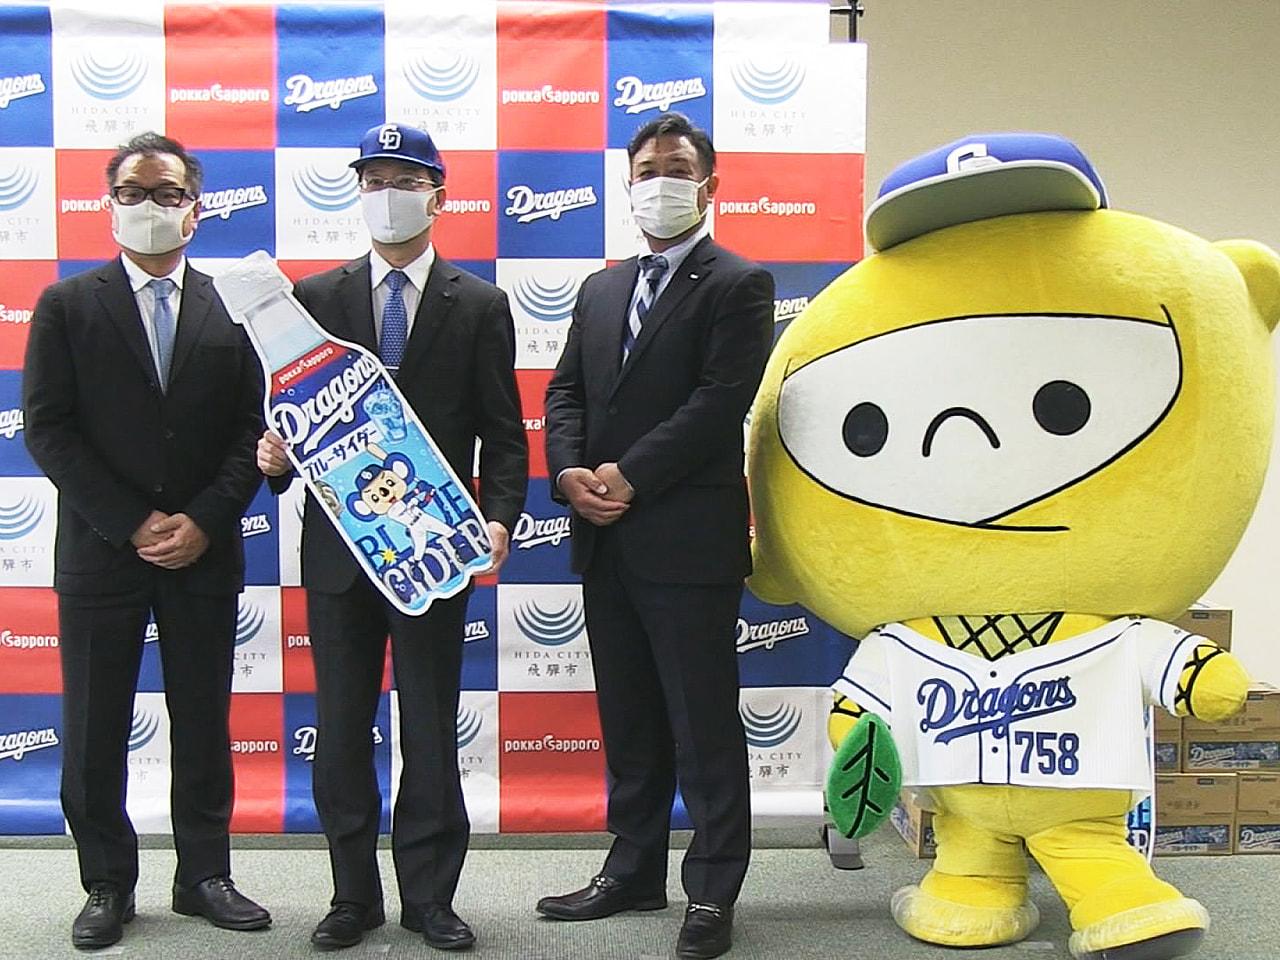 プロ野球のドラゴンズを元気に応援してもらおうと、名古屋の飲料・食品メーカーが岐阜...